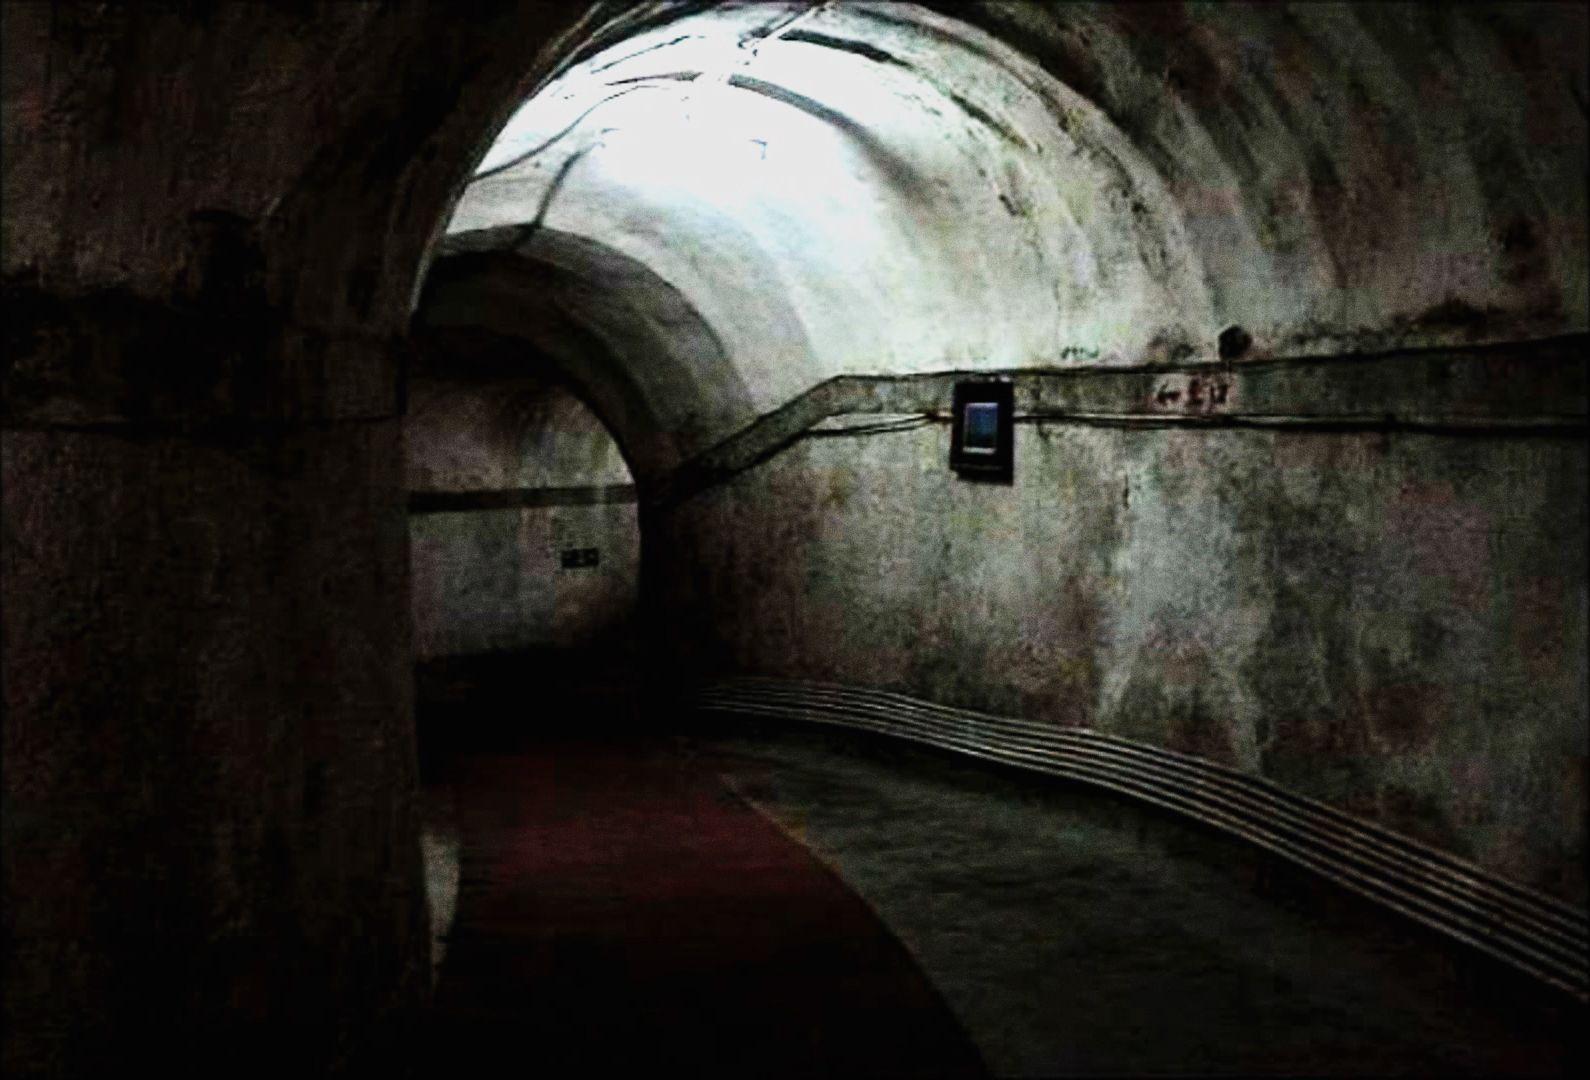 Pekinské podzemné mesto je autonómnym svetom a poskytuje útočisko státisícom ľudí. Pre väčšinu z nich je slnečný svit nevídaným luxusom